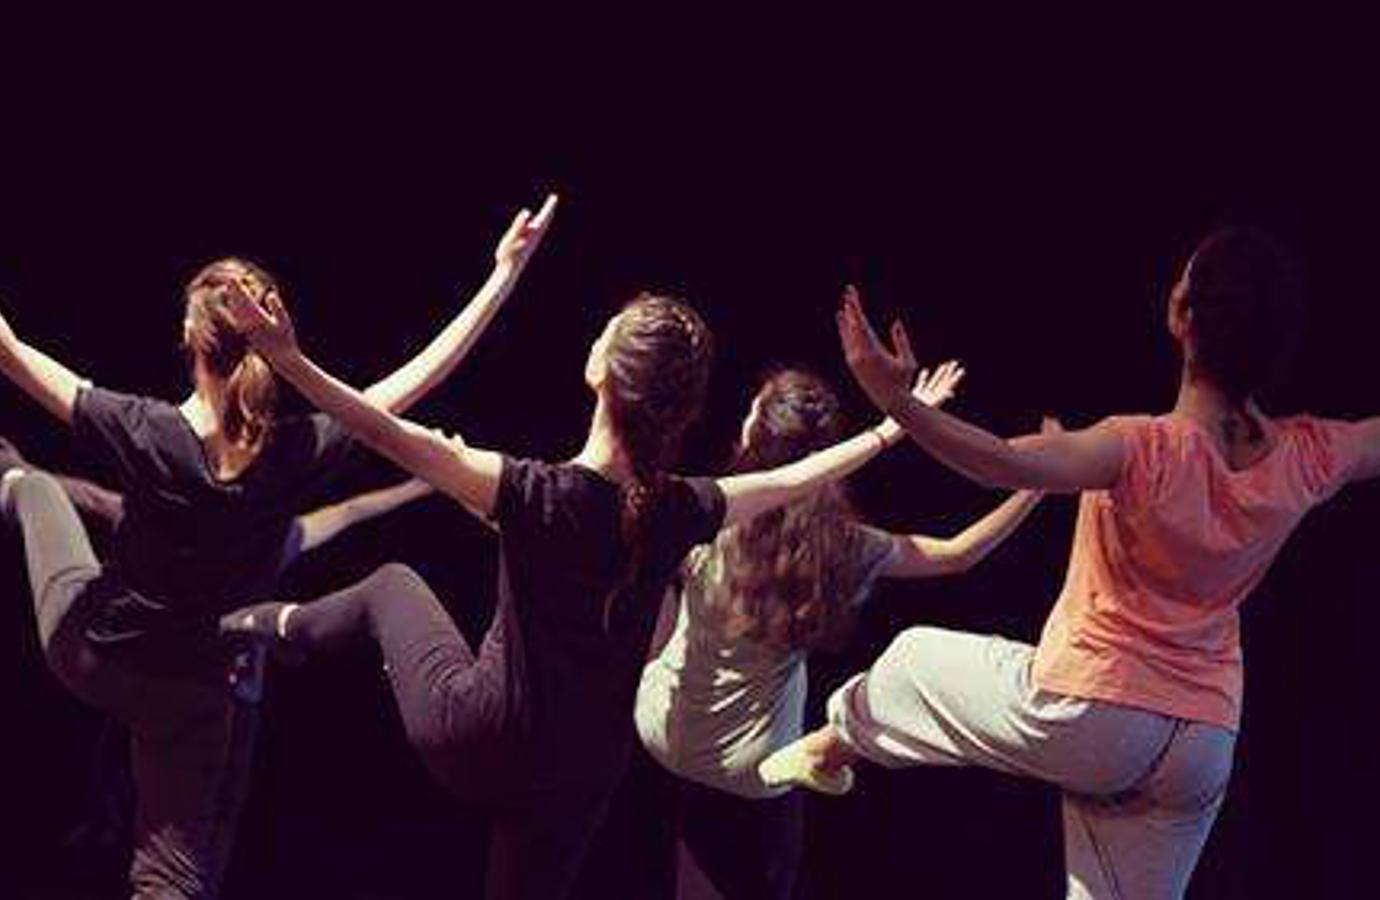 Cauta? i Dansul iubitor de tineri Caut o femeie franceza